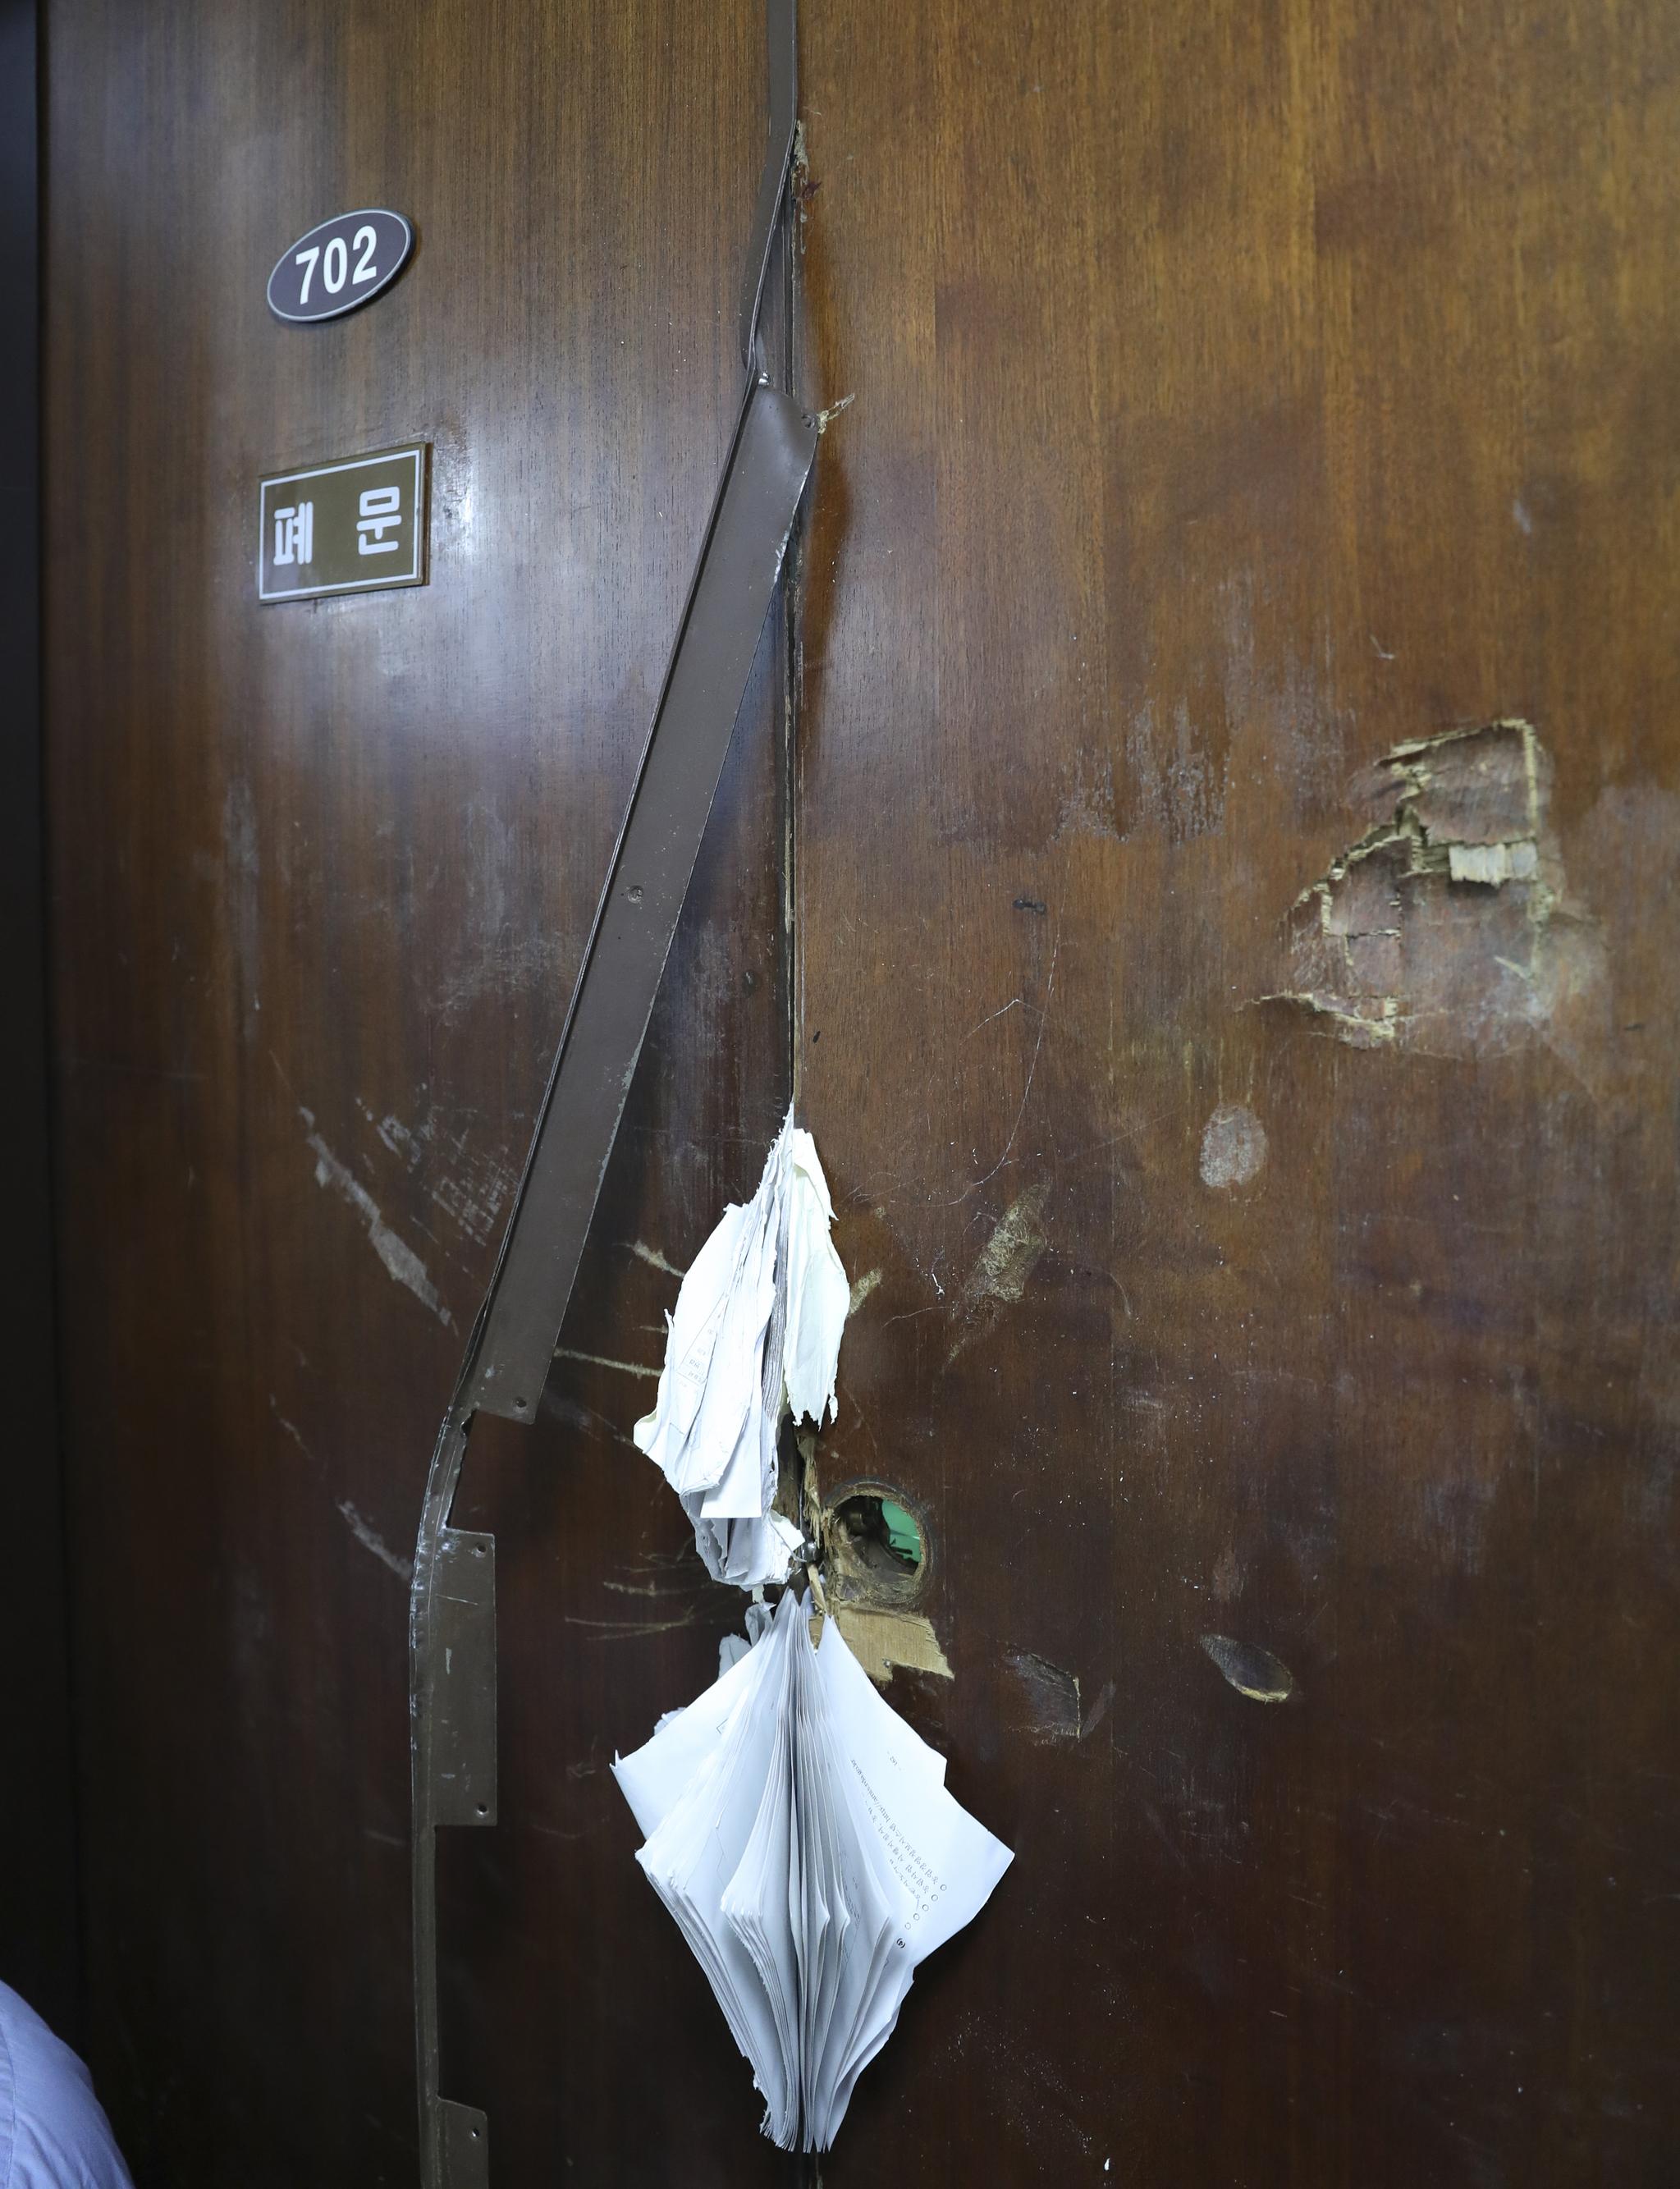 26일 새벽 선거제, 개혁법안 패스트트랙을 놓고 치열한 몸싸움을 벌이면서 부서진 국회 의안과 문. 임현동 기자